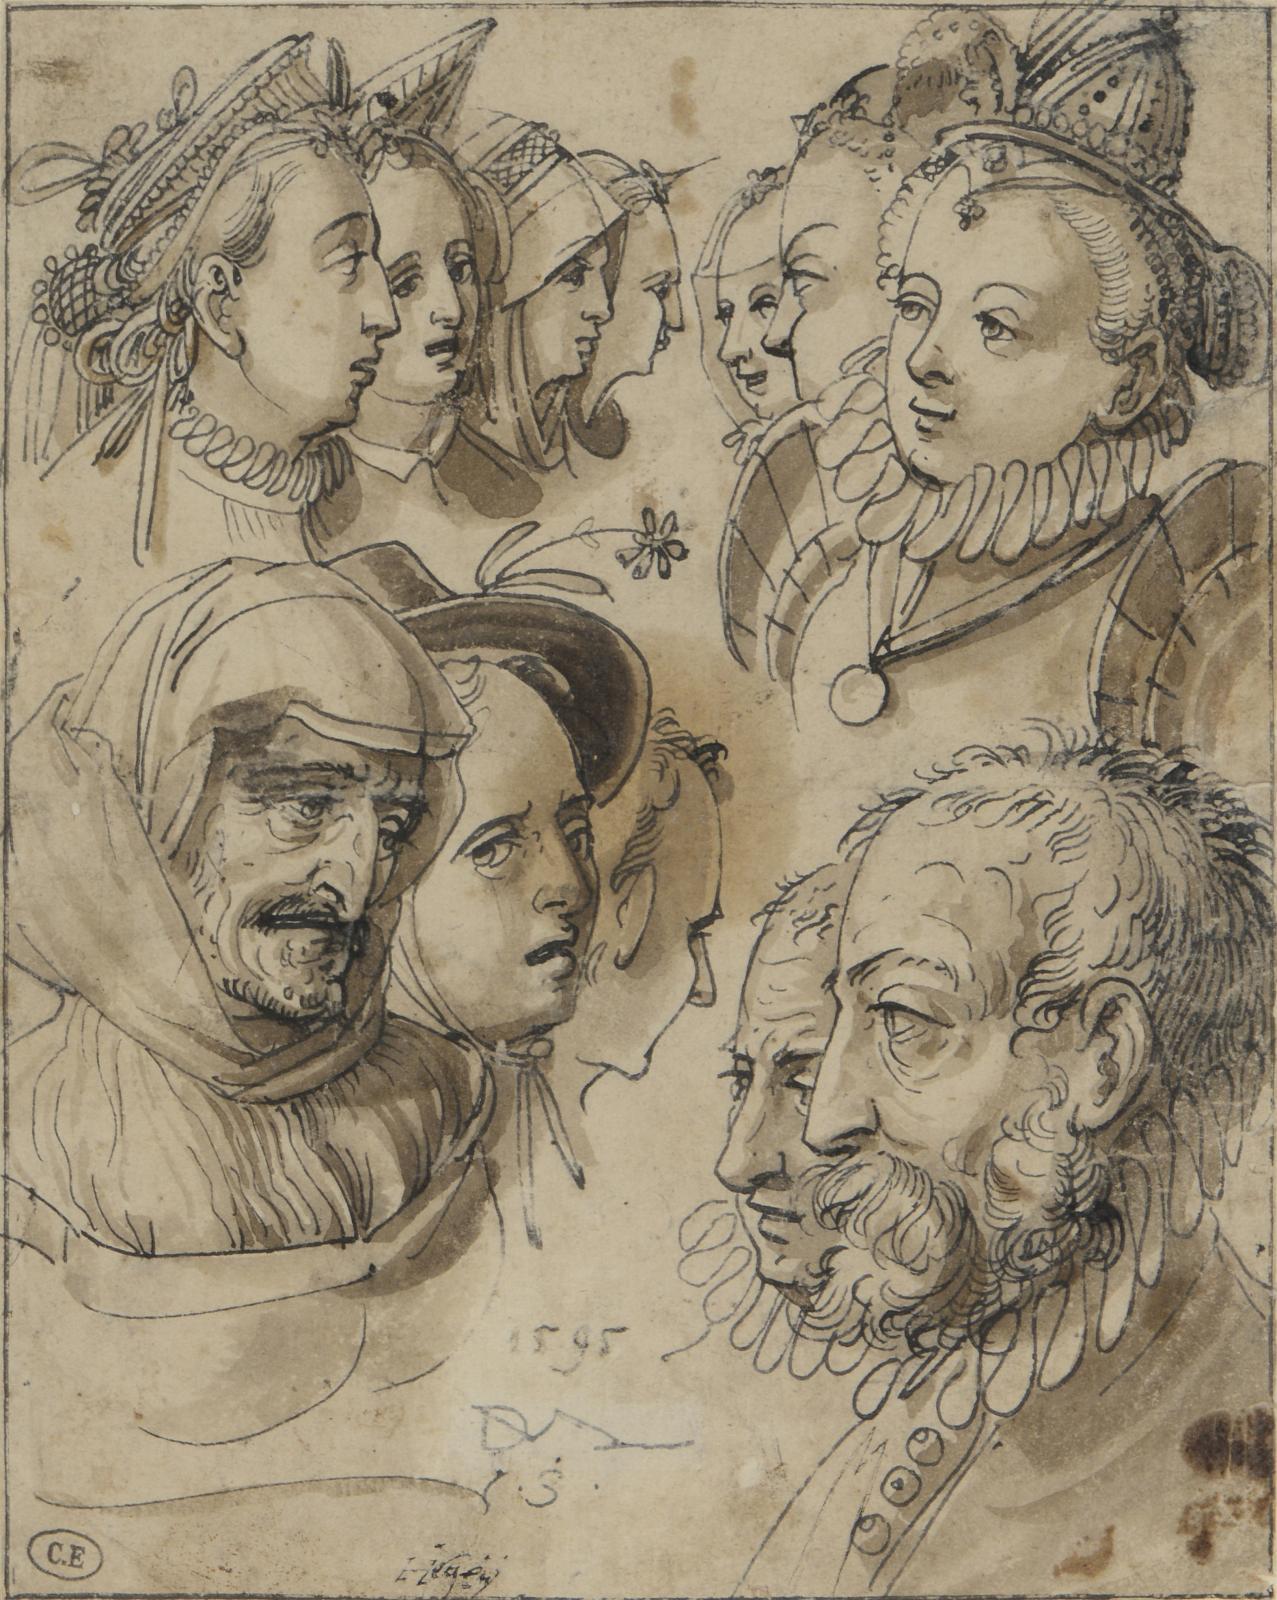 Daniel Lindtmayer, Étude de têtes, plume et encre noire, lavis brun, traces de filigrane Ravensbourg, signé avec monogramme «DLM/VS», daté «1595», 18,